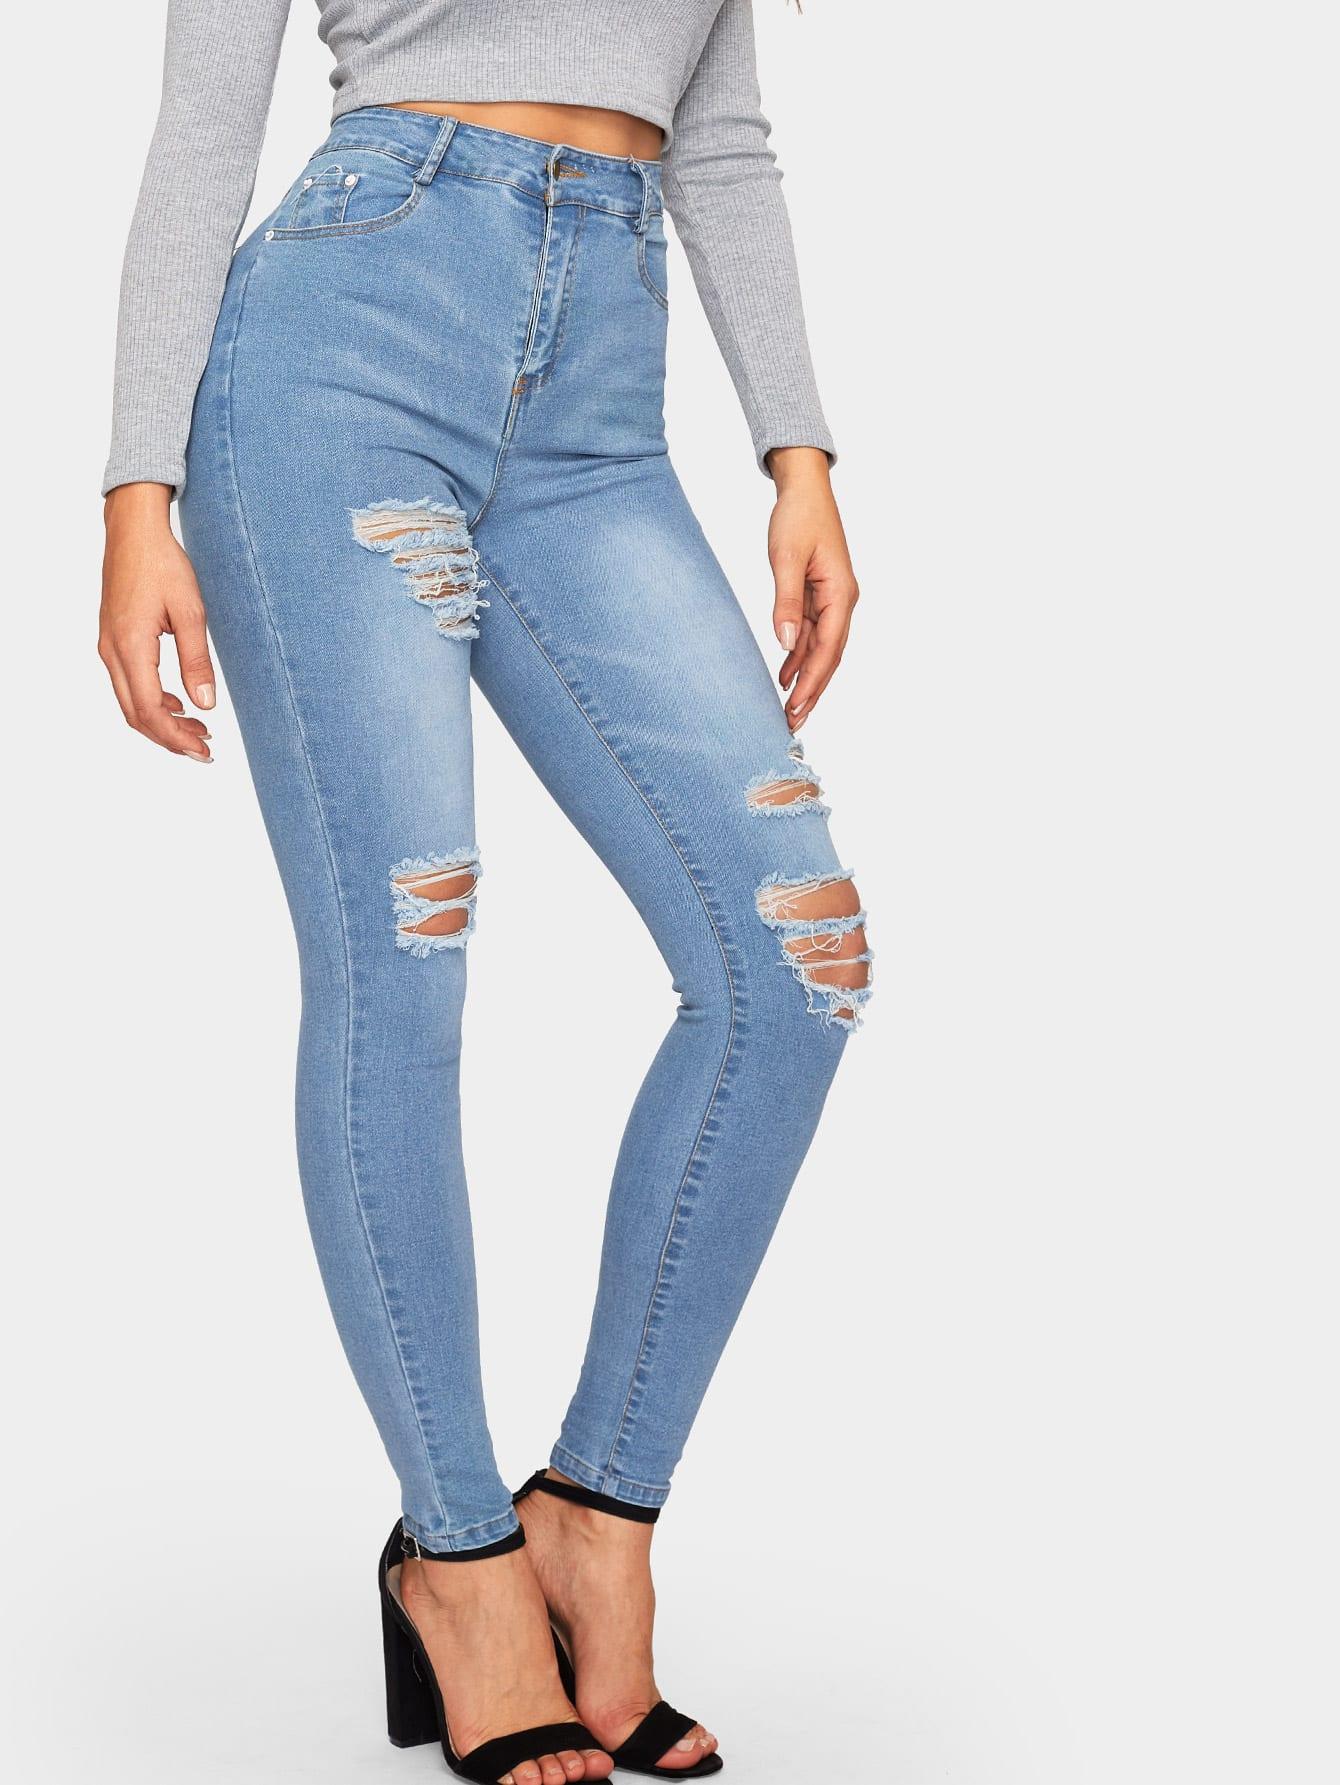 Купить Однотонные рваные обтягивающие джинсы, DANI A, SheIn